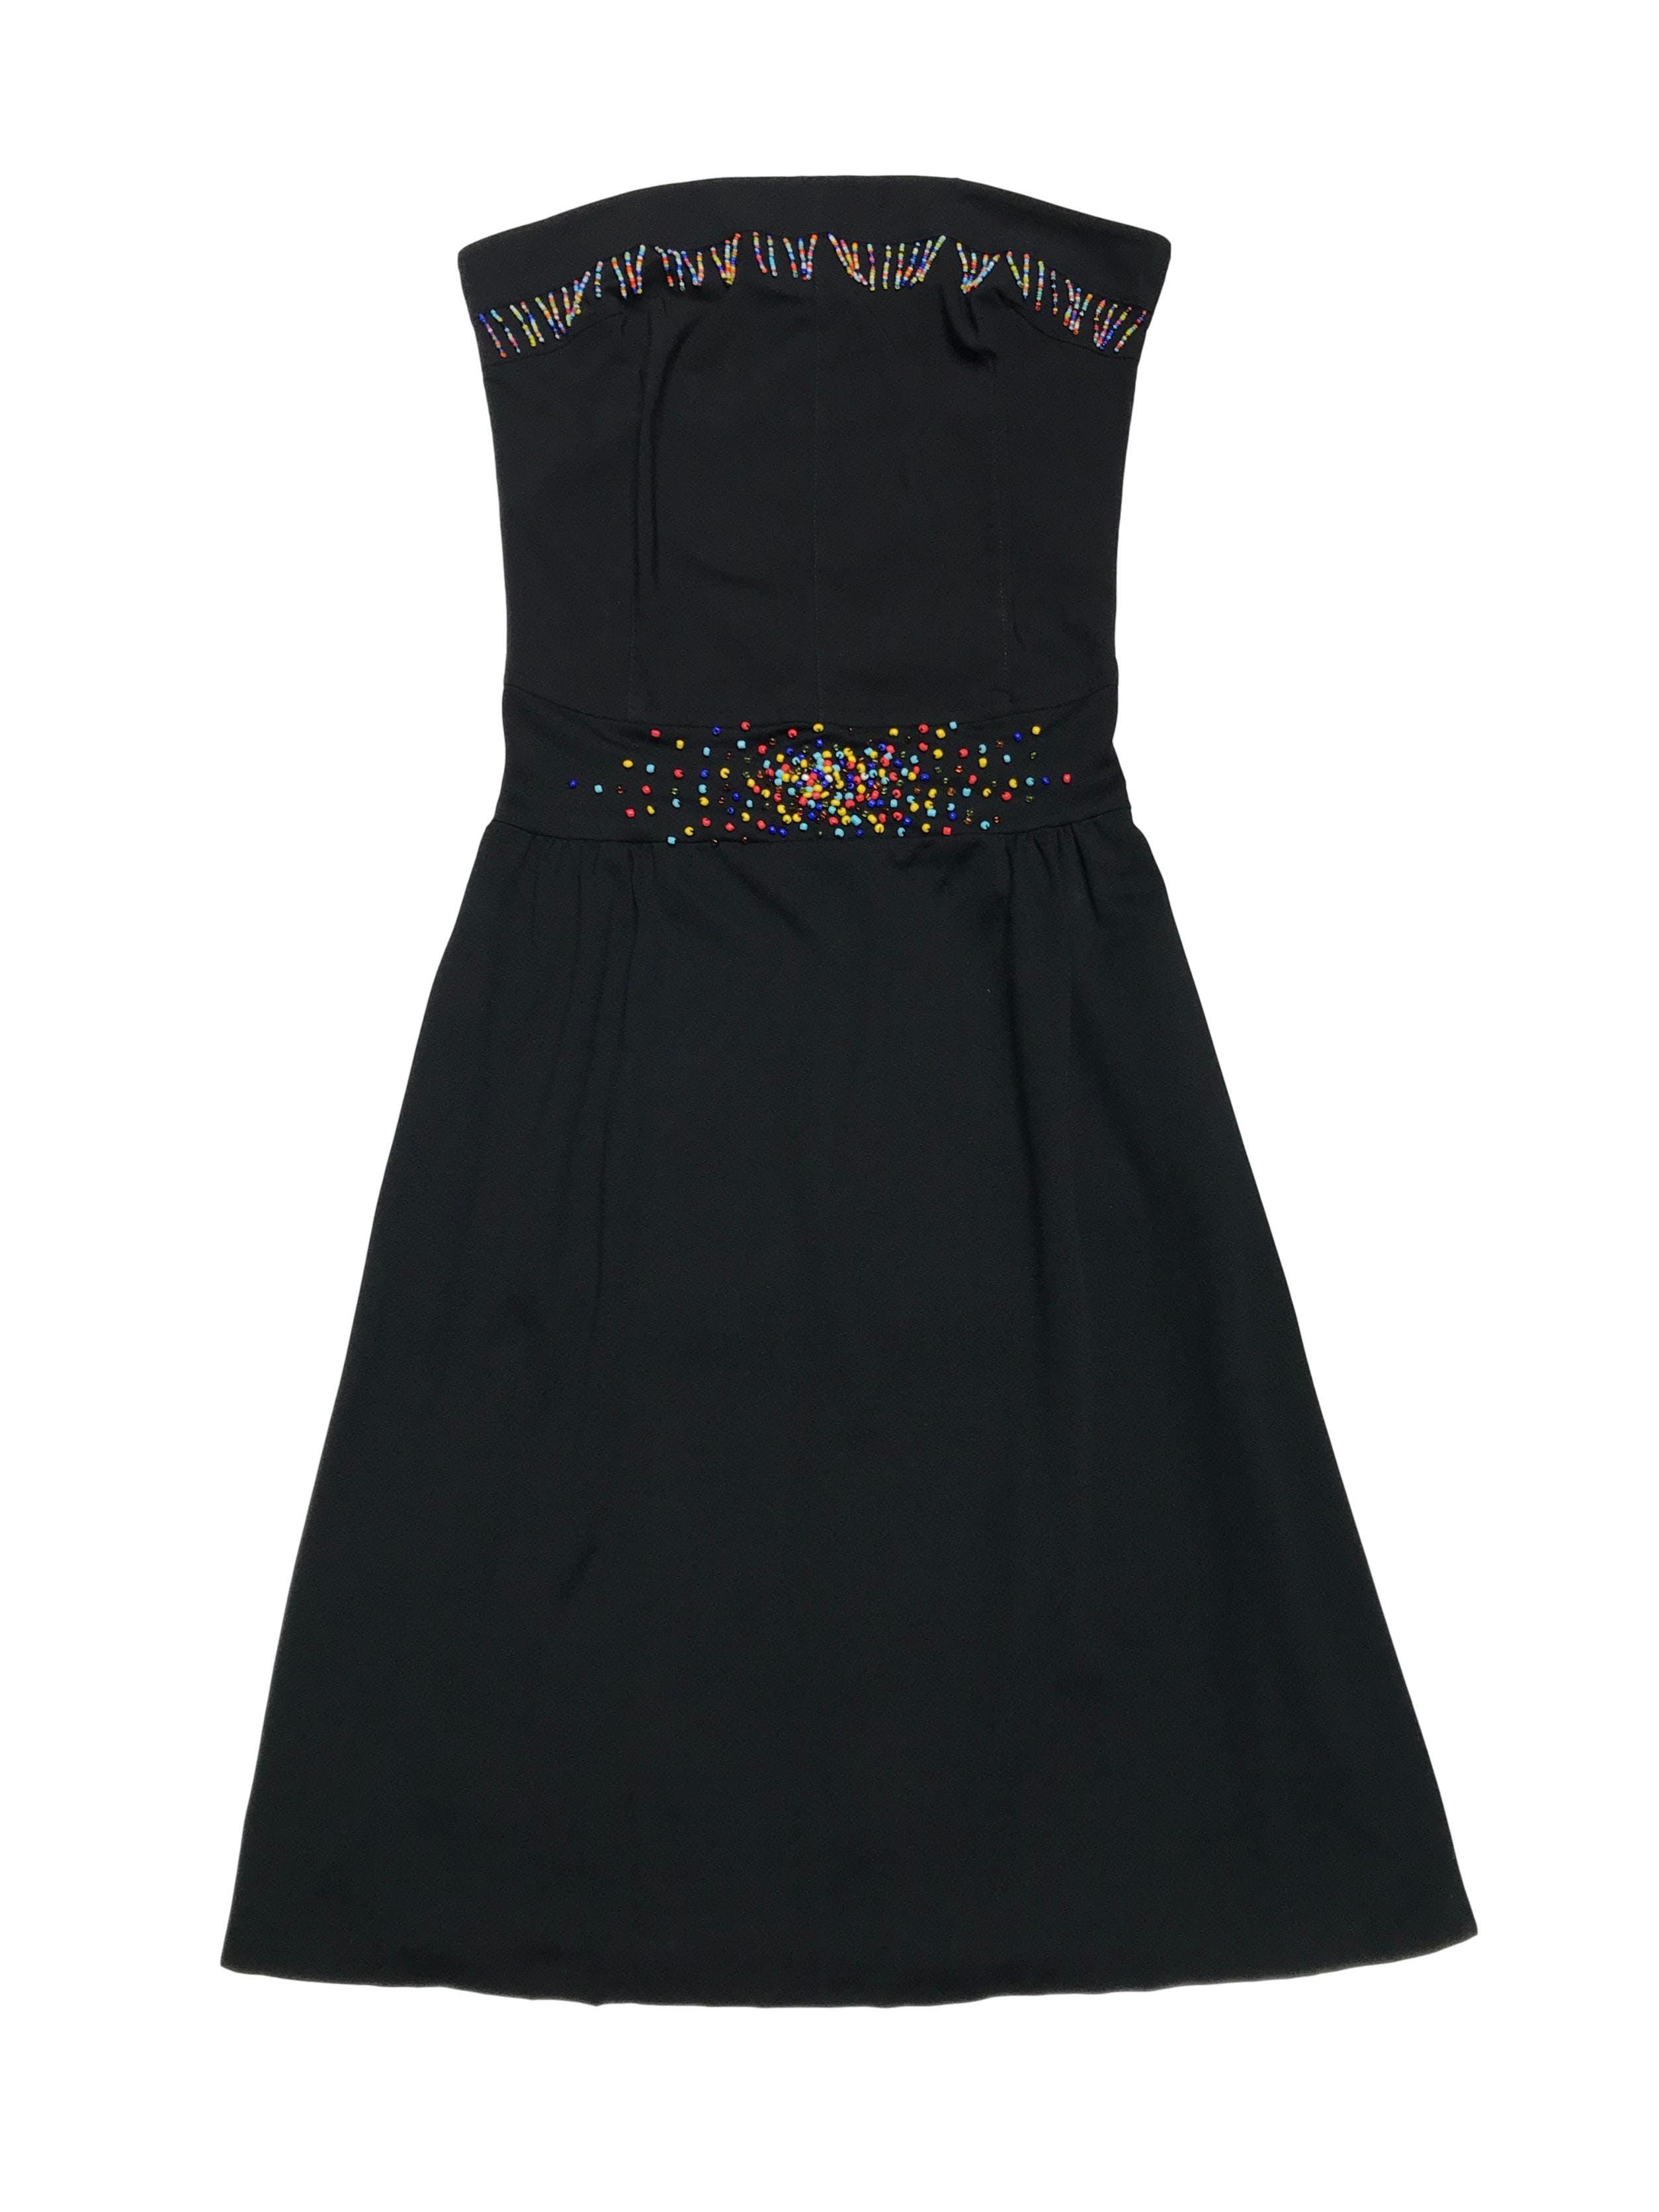 Vestido negro ligeramente stretch con flecos de mostacillas y aplicaciones en la cintura. Largo 90cm. COLECCIÓN UPCYCLING